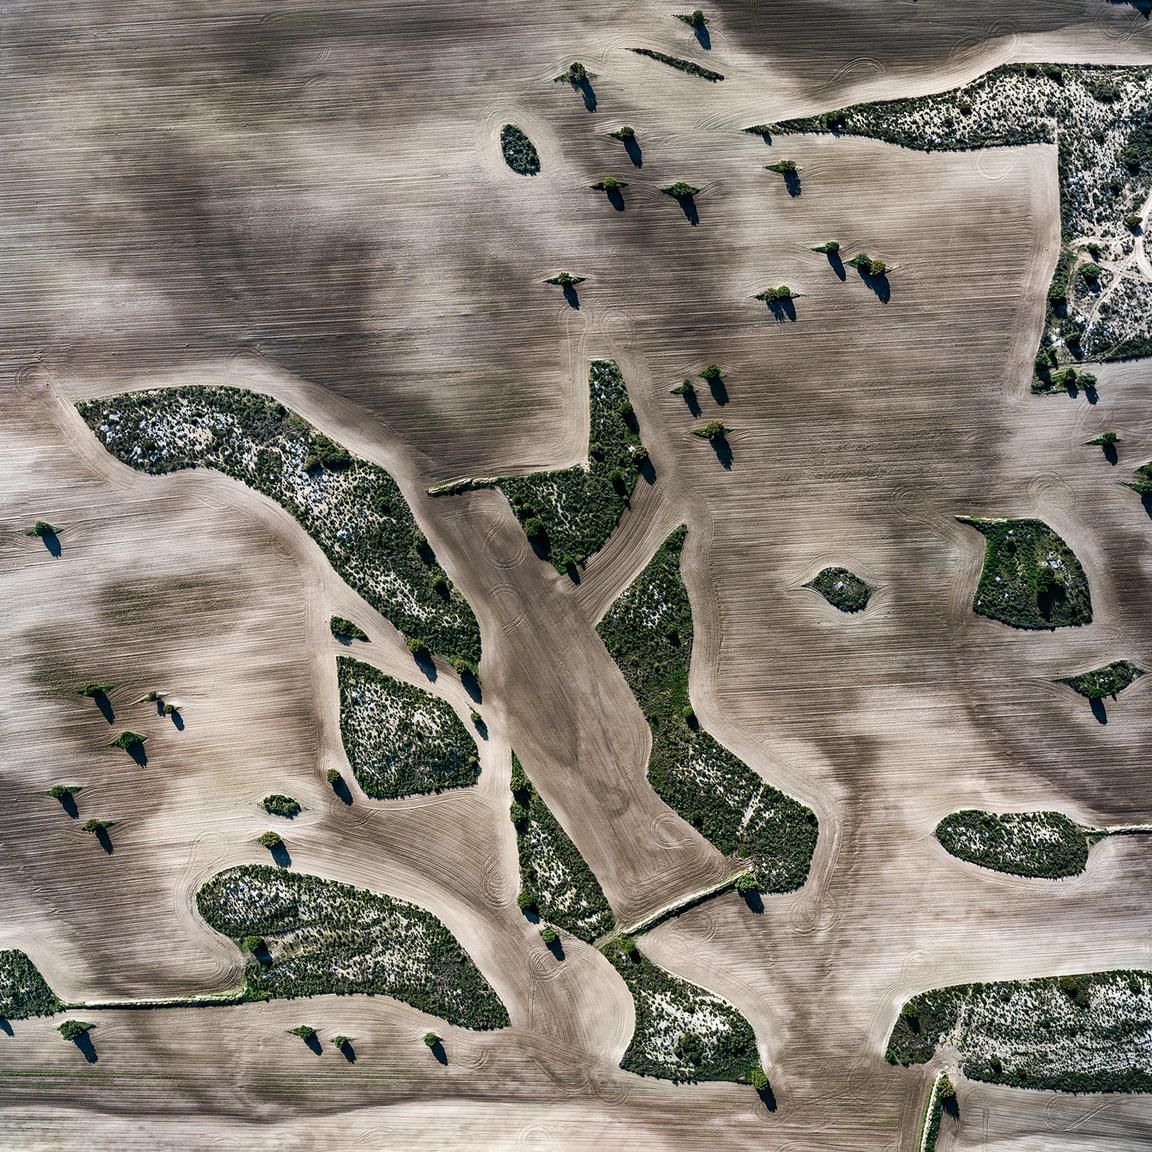 Val de San JorgeSziklás dombokon álló fák alkotnak mikro-szigeteket a frissen megművelt mezőgazdasági területen Pina de Ebro térségben, Bujaraloz közelében.                         Zaragoza, Spanyolország. 2018.12.29.A képen látható terület szélessége: 521 m.